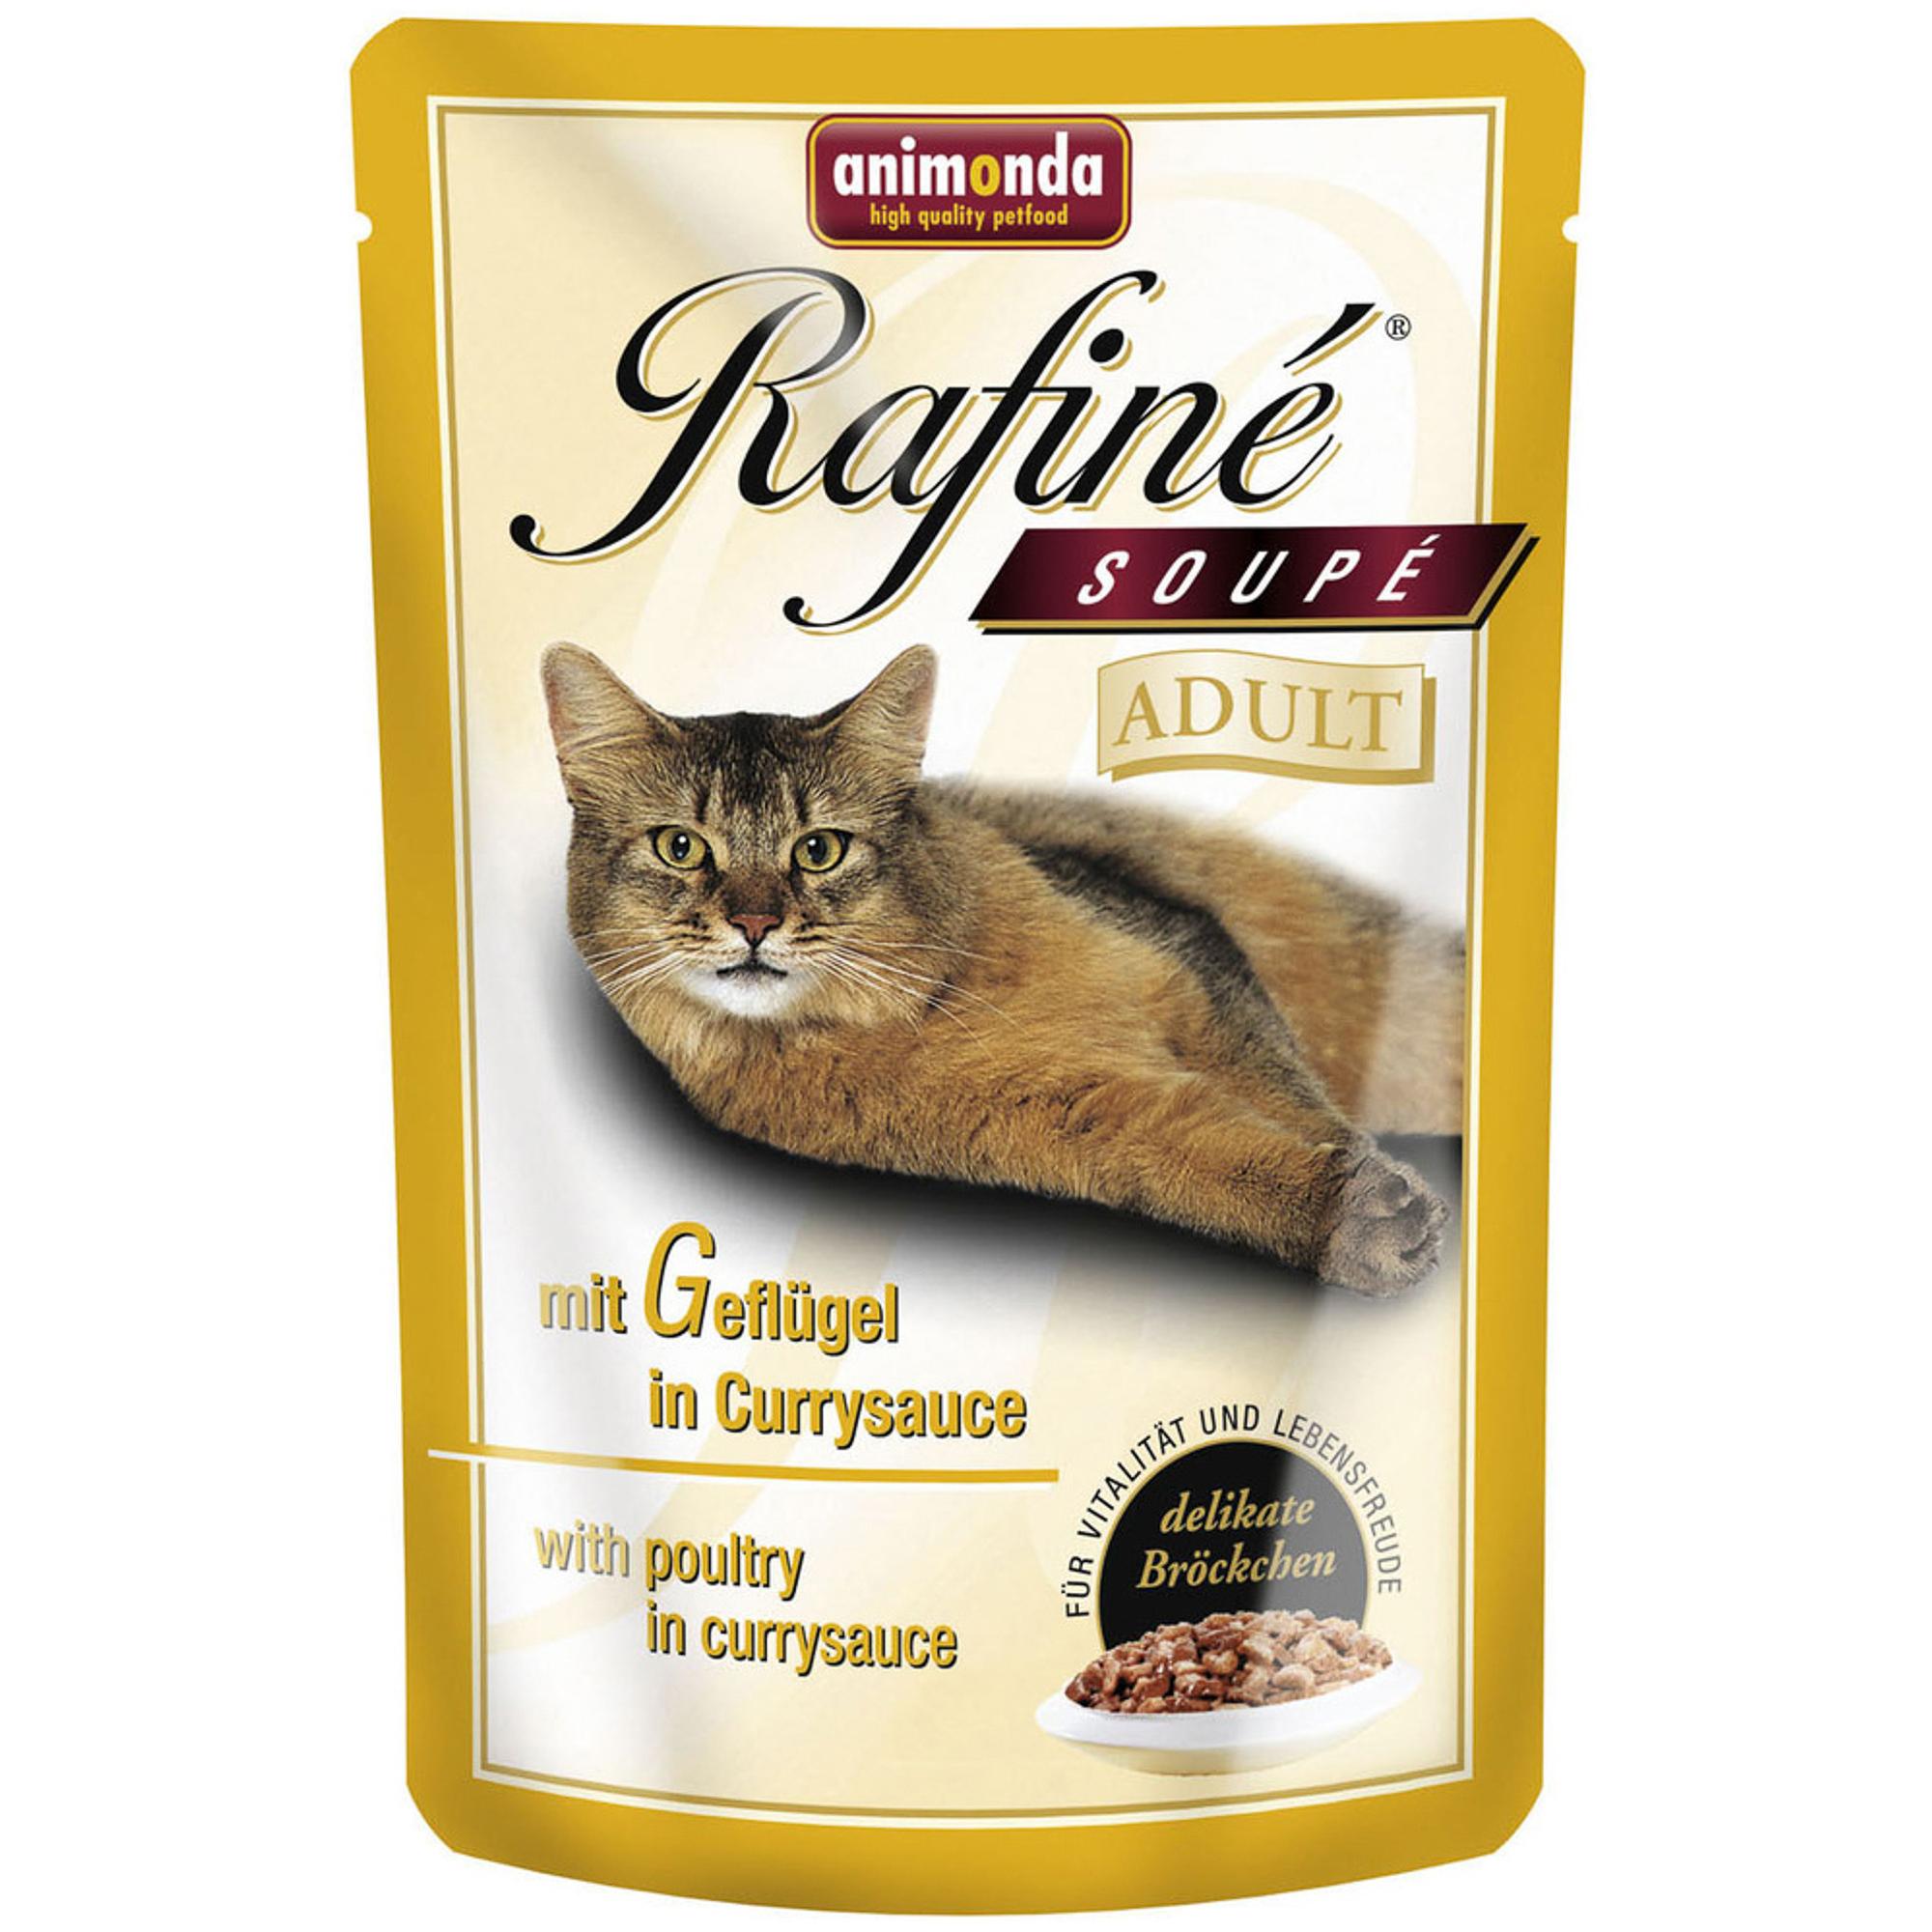 Фото - Корм для кошек ANIMONDA Rafine Soupe домашняя птица в сливочном соусе 100г влажный корм для кошек animonda rafine 24шт х 100 г кусочки в соусе